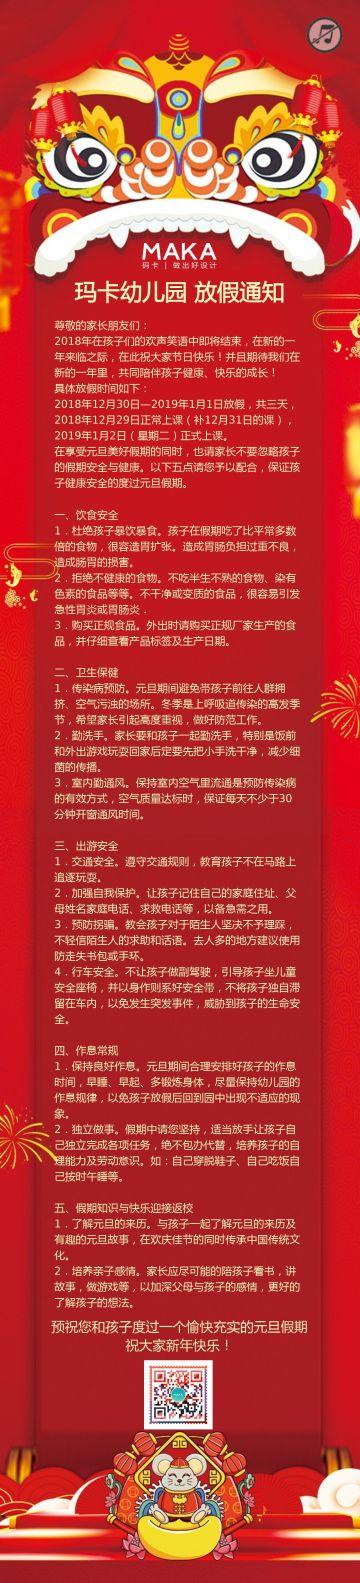 中国风喜庆新年幼儿园放假通知宣传长图文单页模板